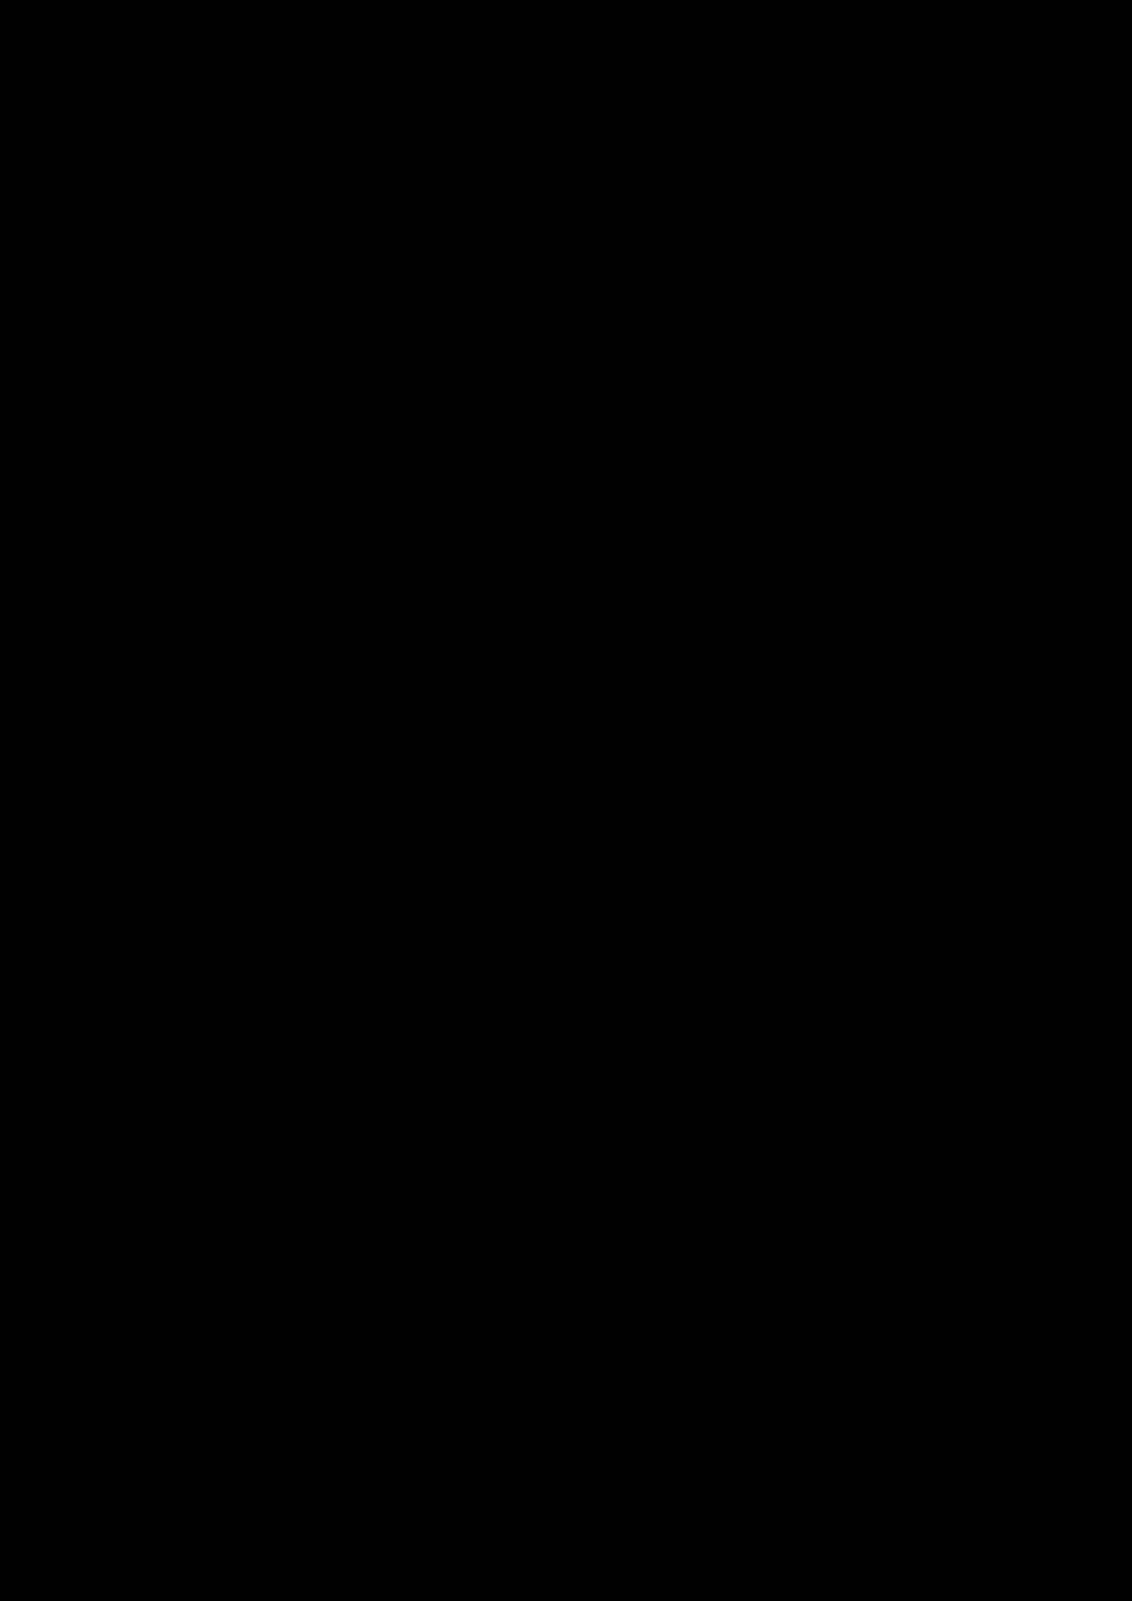 Prolog slide, Image 20